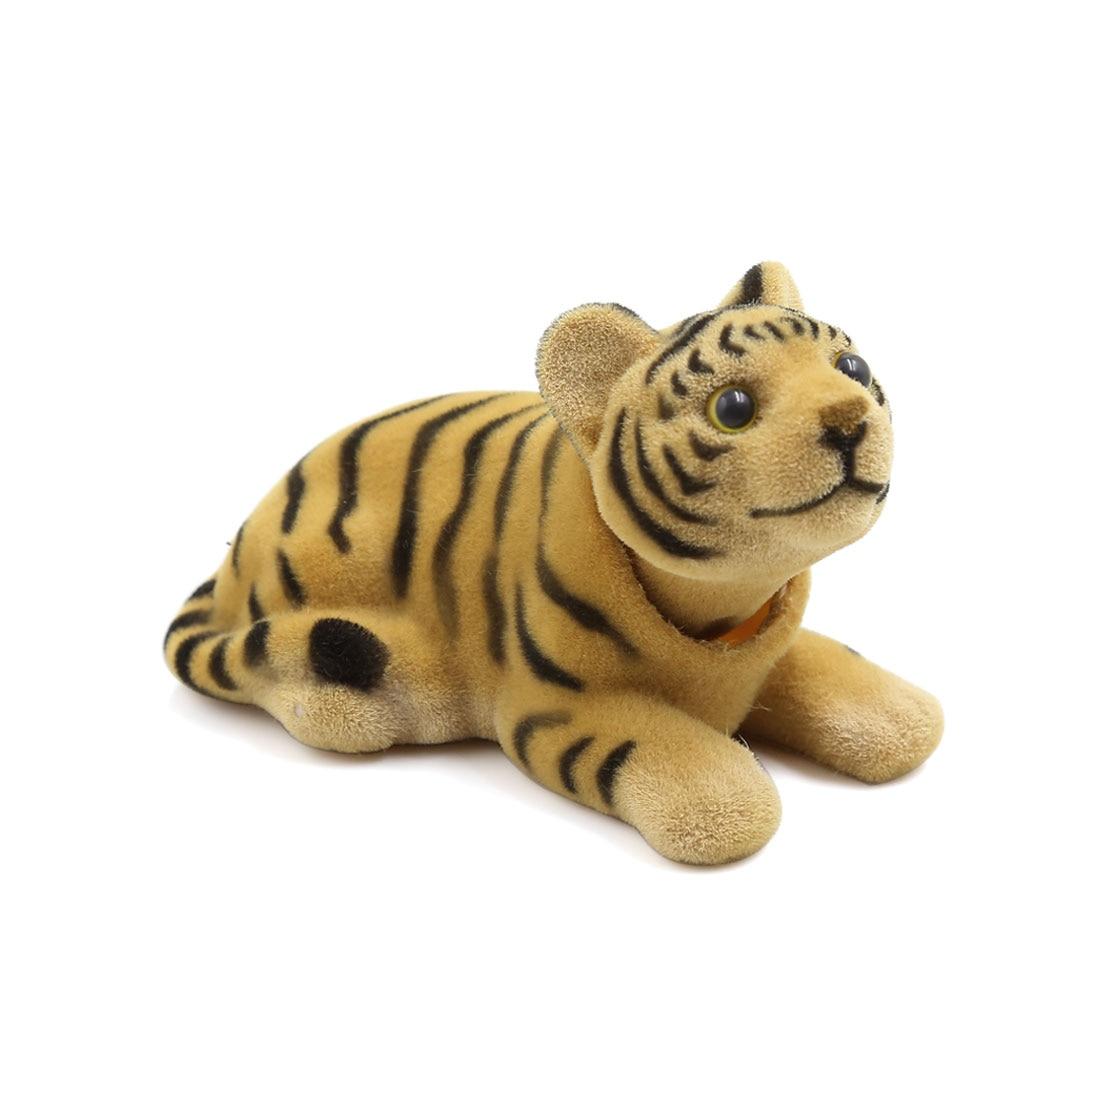 X autohaux авто интерьера качает головой тигра формы кивнув собака желтый черный